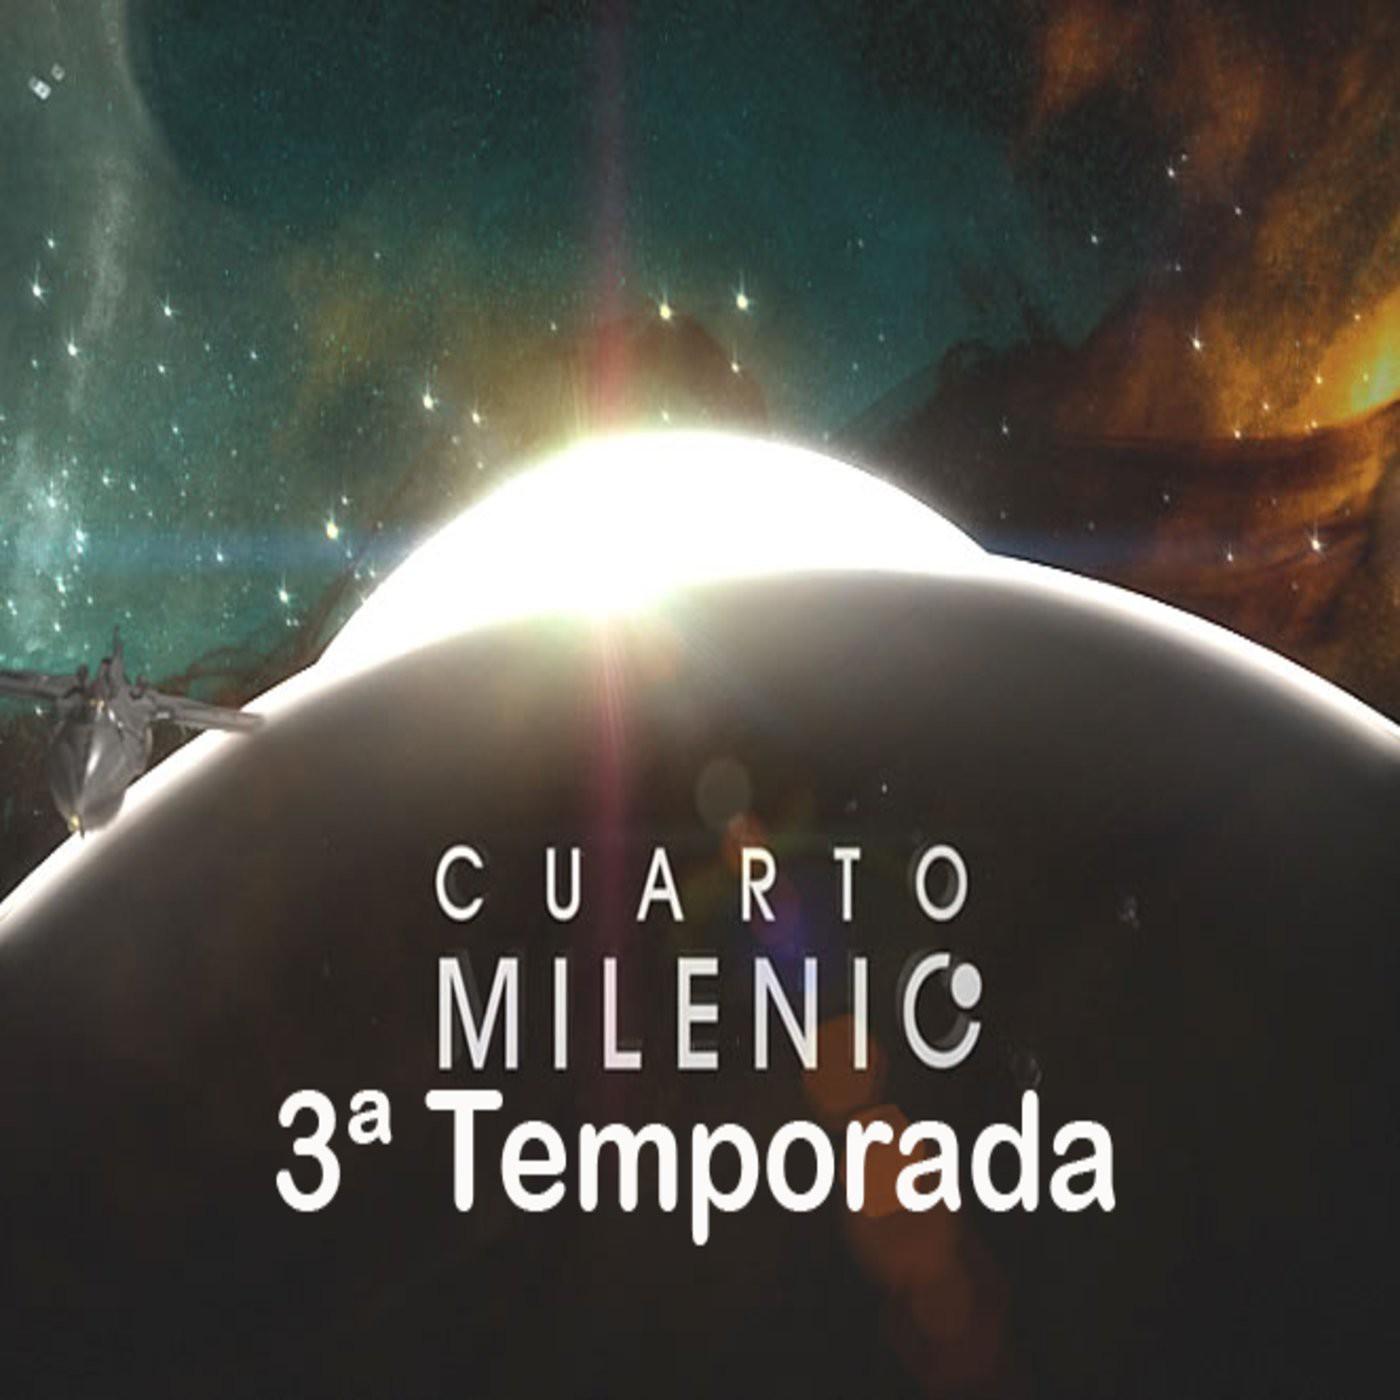 Escucha CUARTO MILENIO (3ª Temporada) - iVoox